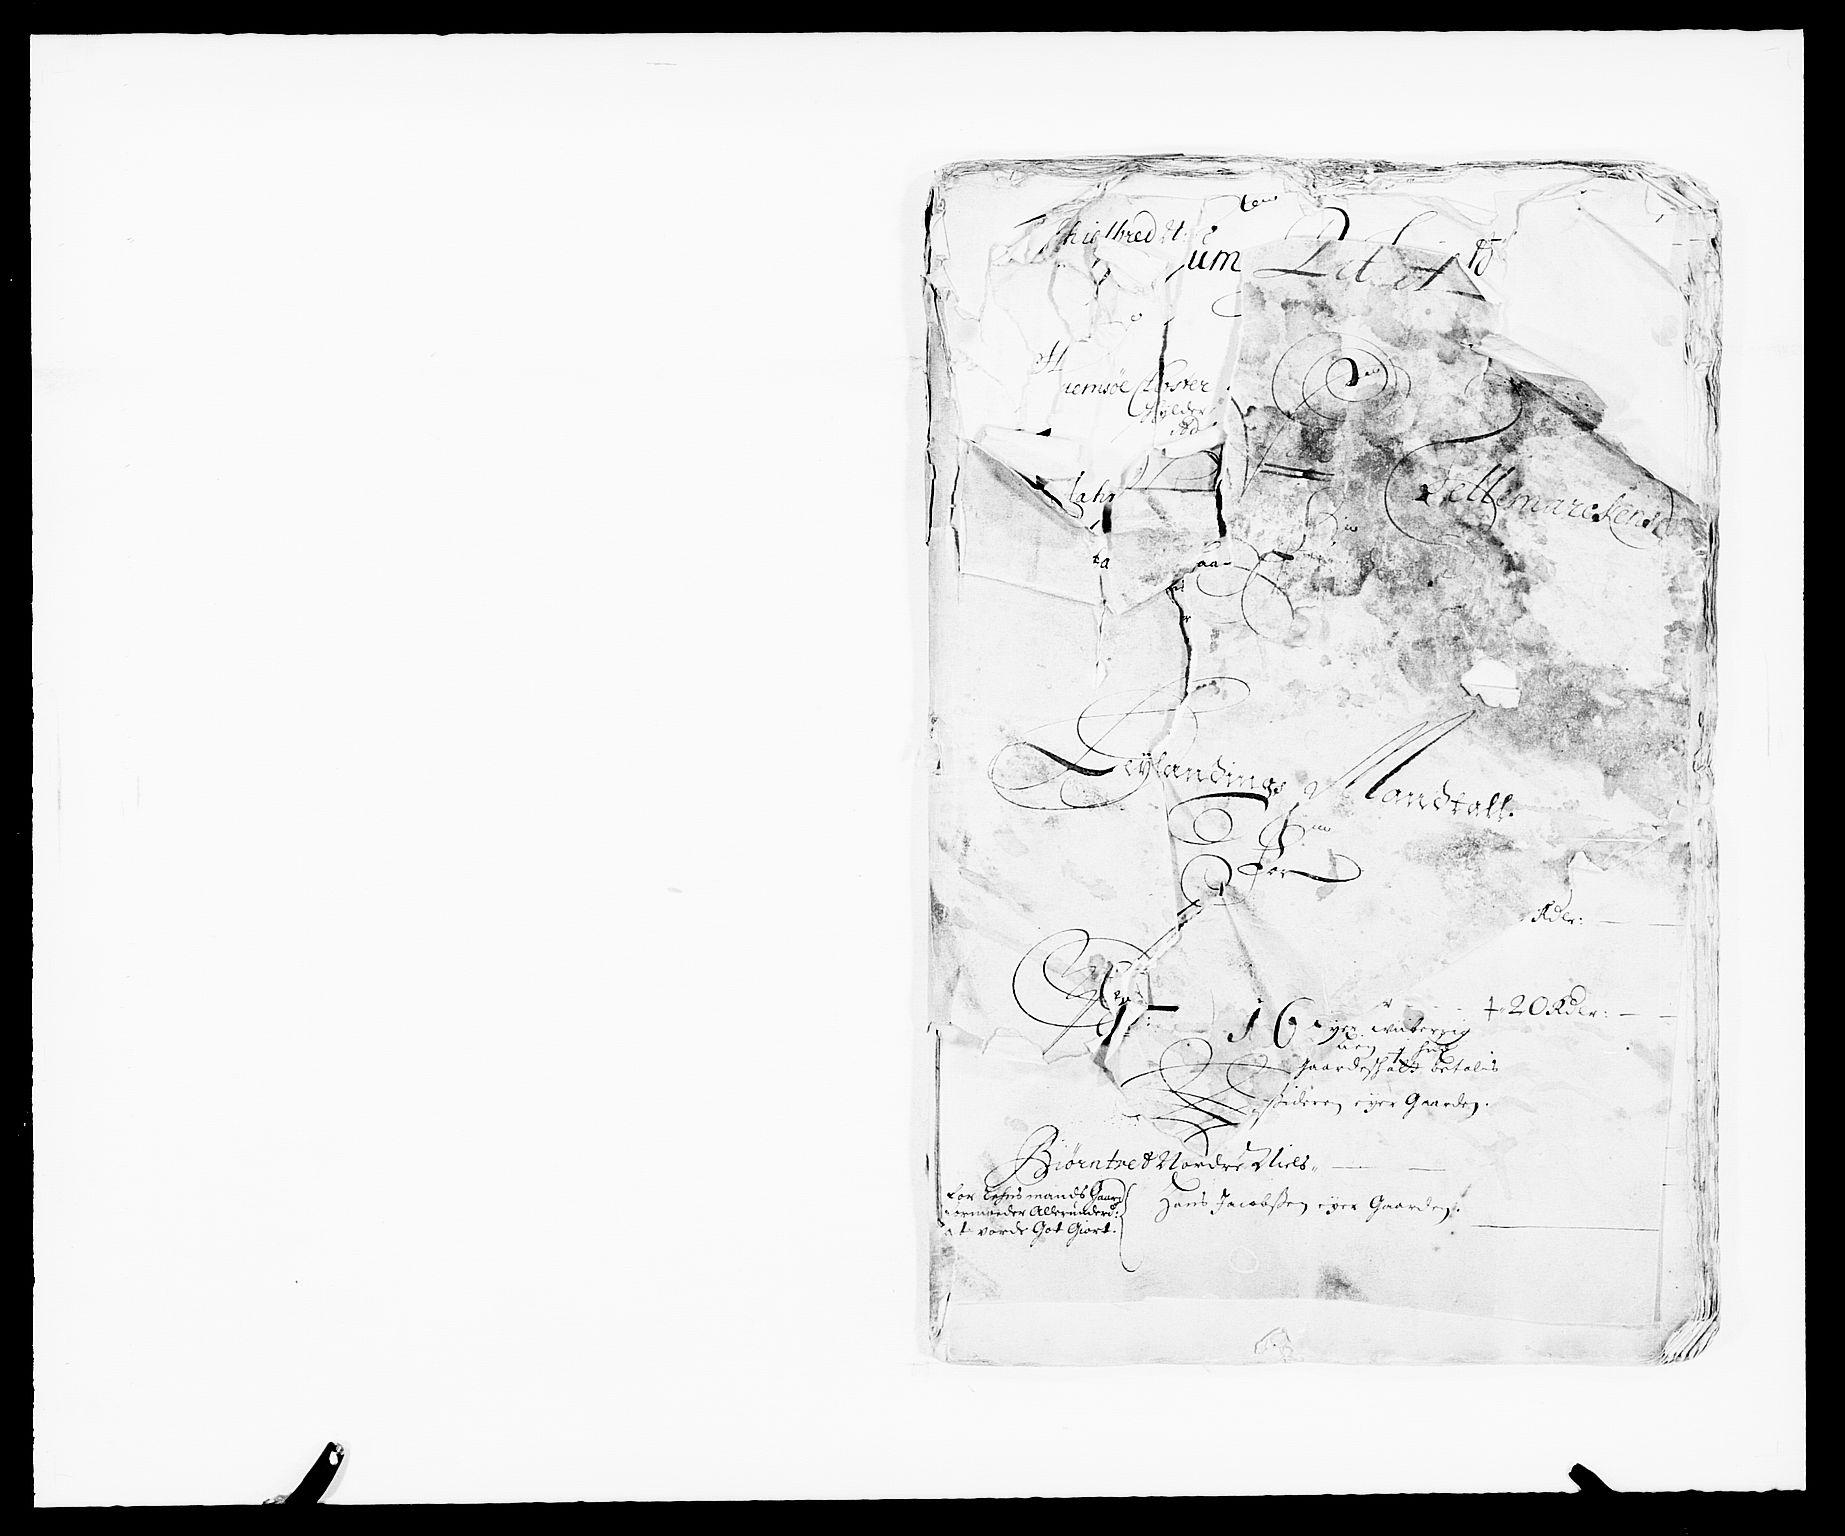 RA, Rentekammeret inntil 1814, Reviderte regnskaper, Fogderegnskap, R35/L2063: Fogderegnskap Øvre og Nedre Telemark, 1675, s. 6